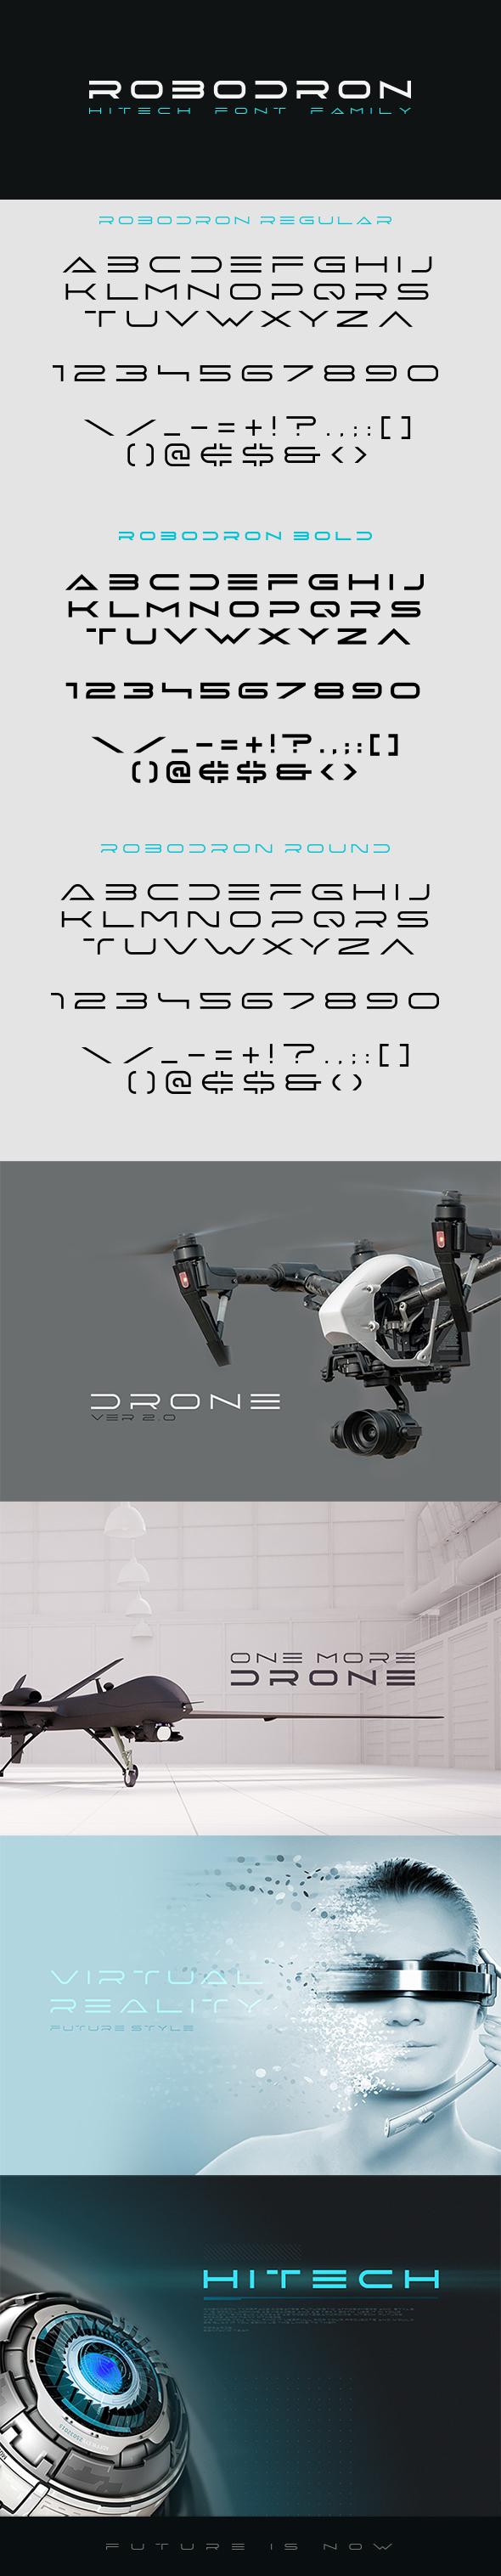 Robodron Font - Futuristic Decorative